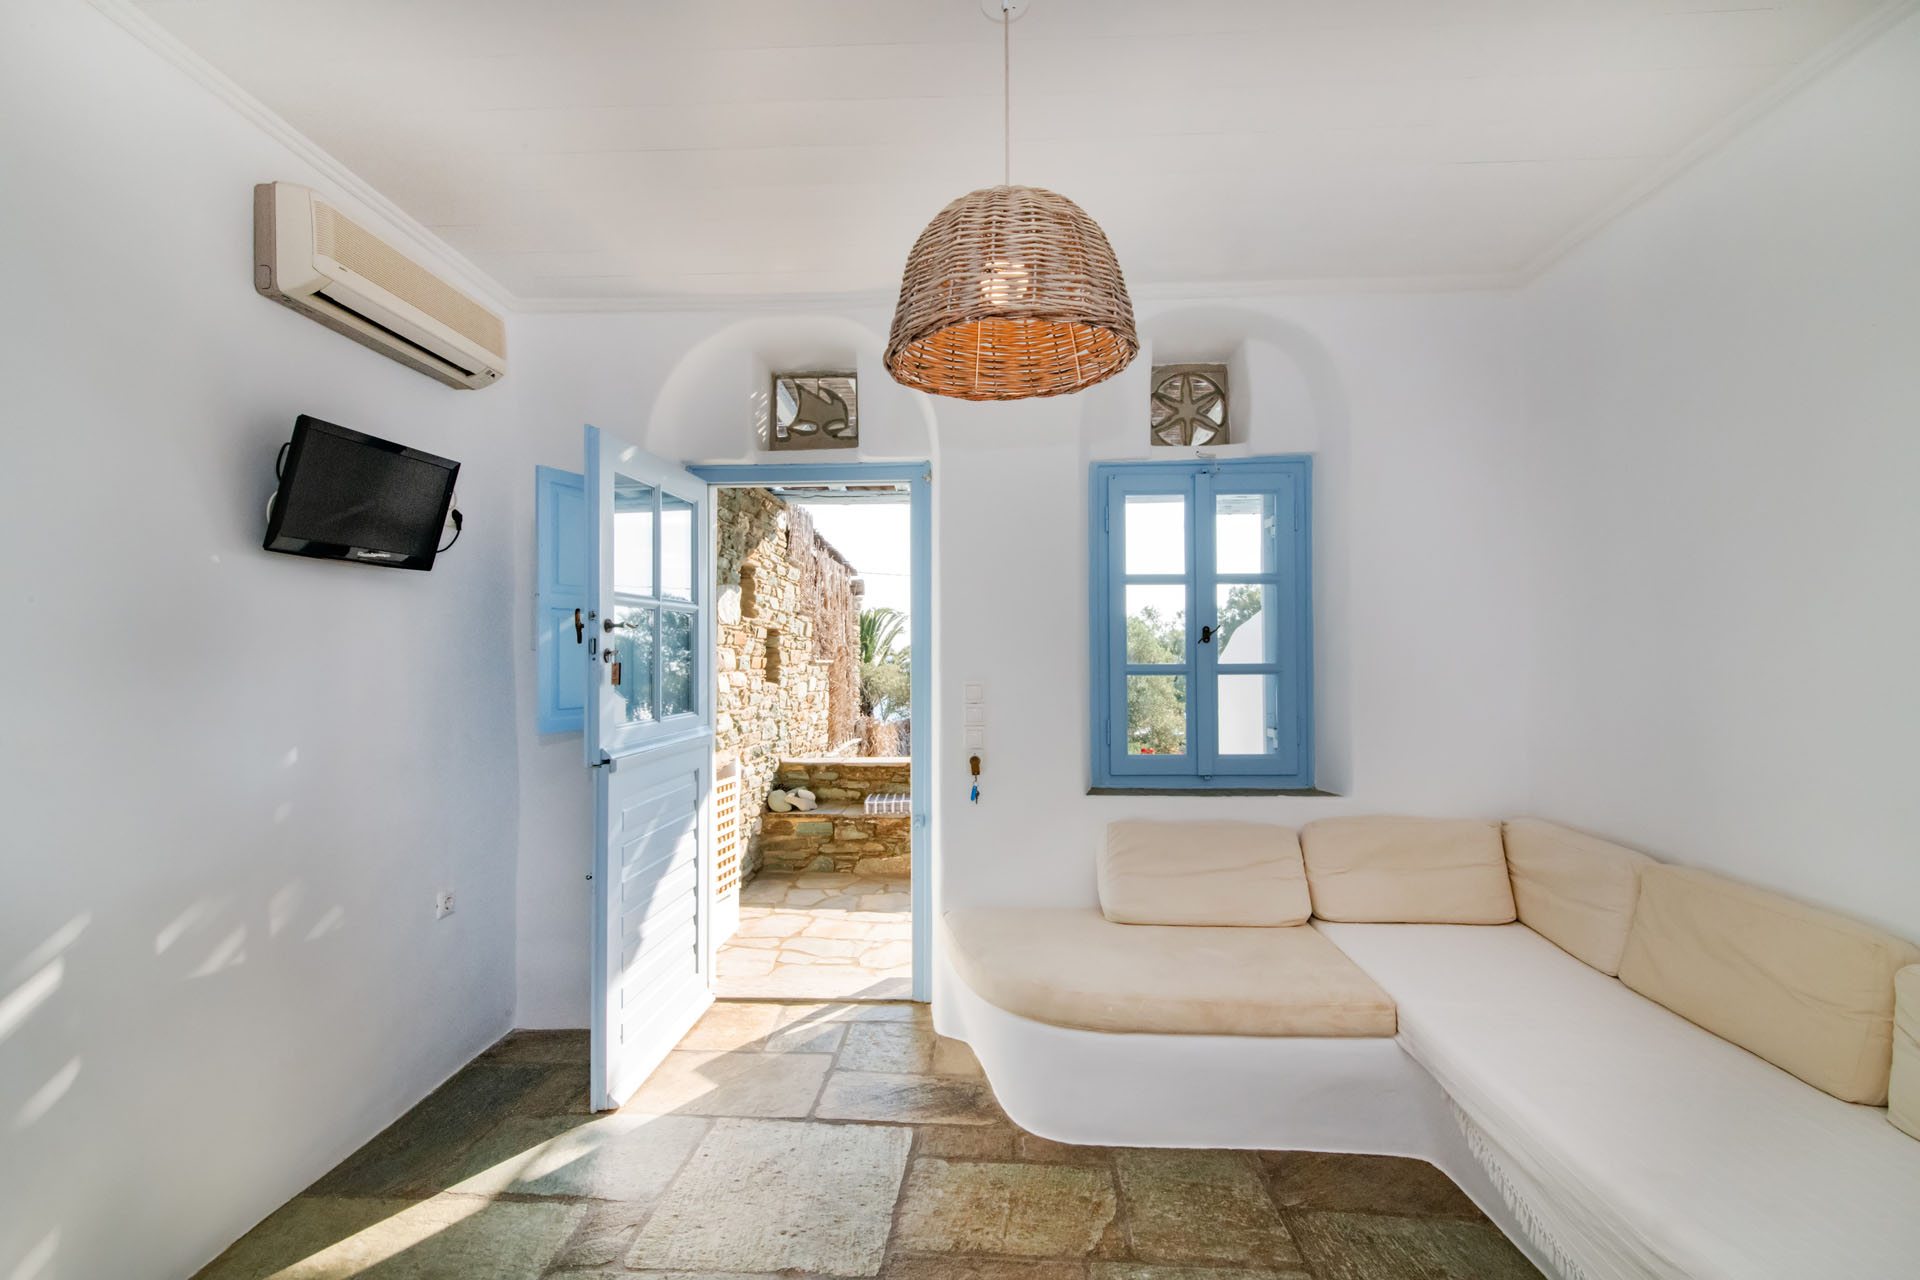 Tinos Hotels Throubi